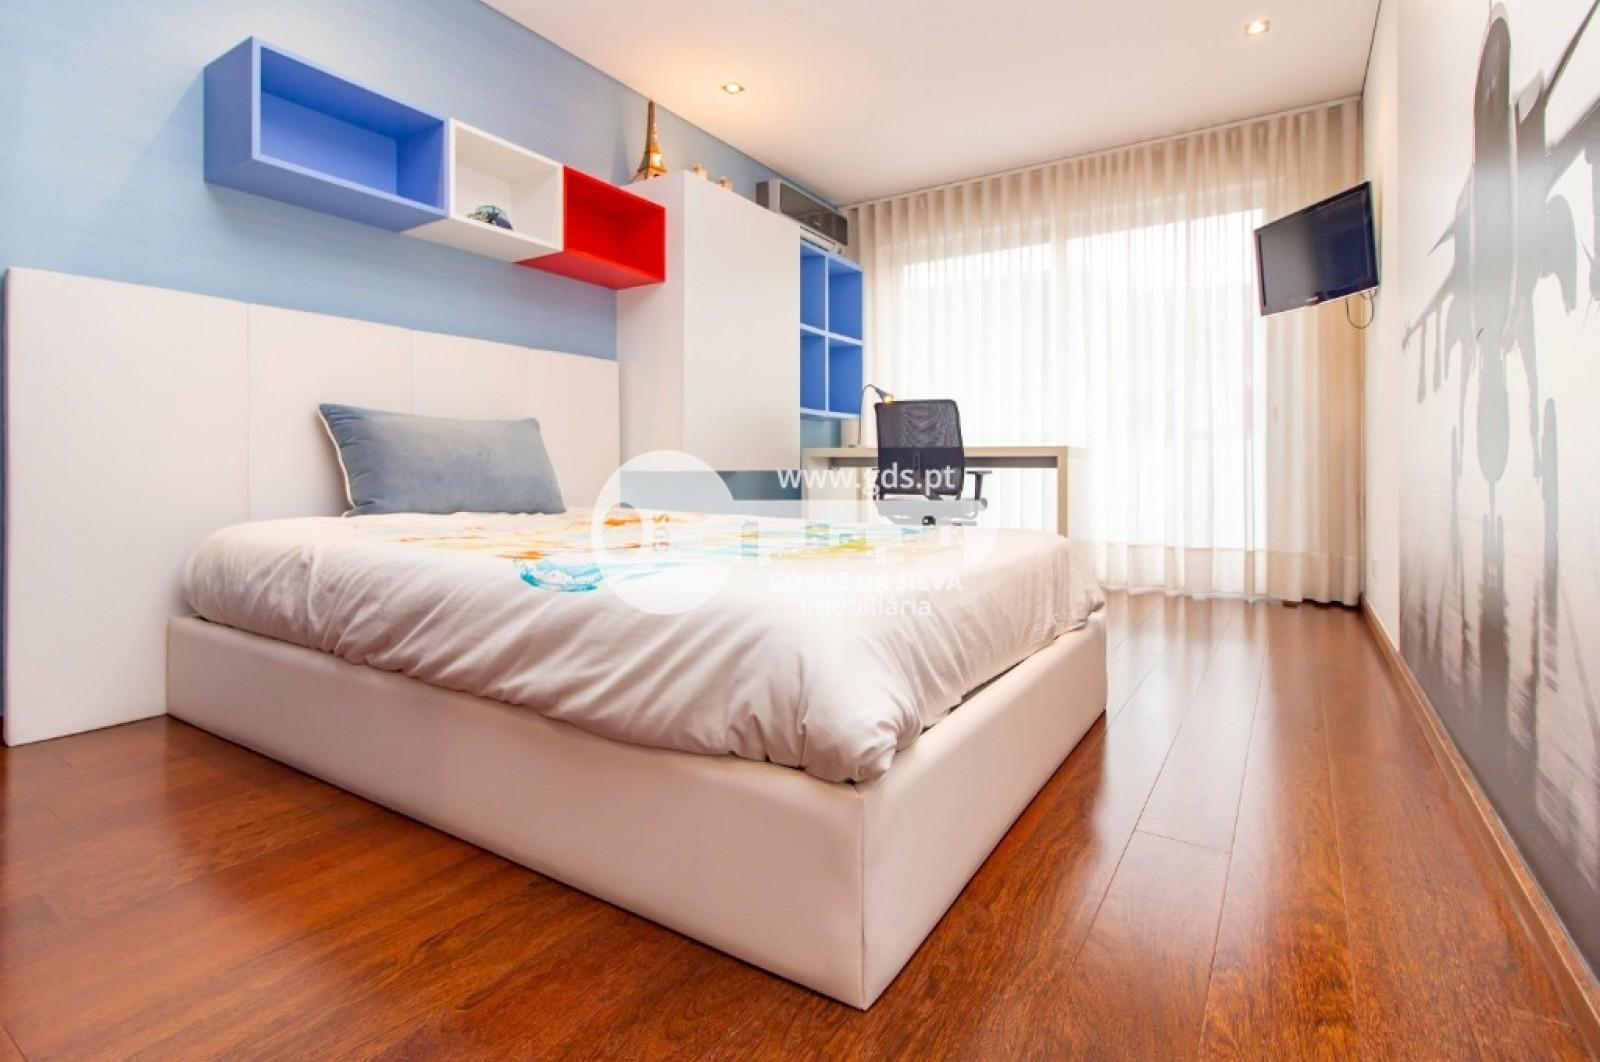 Apartamento T3 para Venda em Nogueira, Fraião e Lamaçães, Braga, Braga - Imagem 35